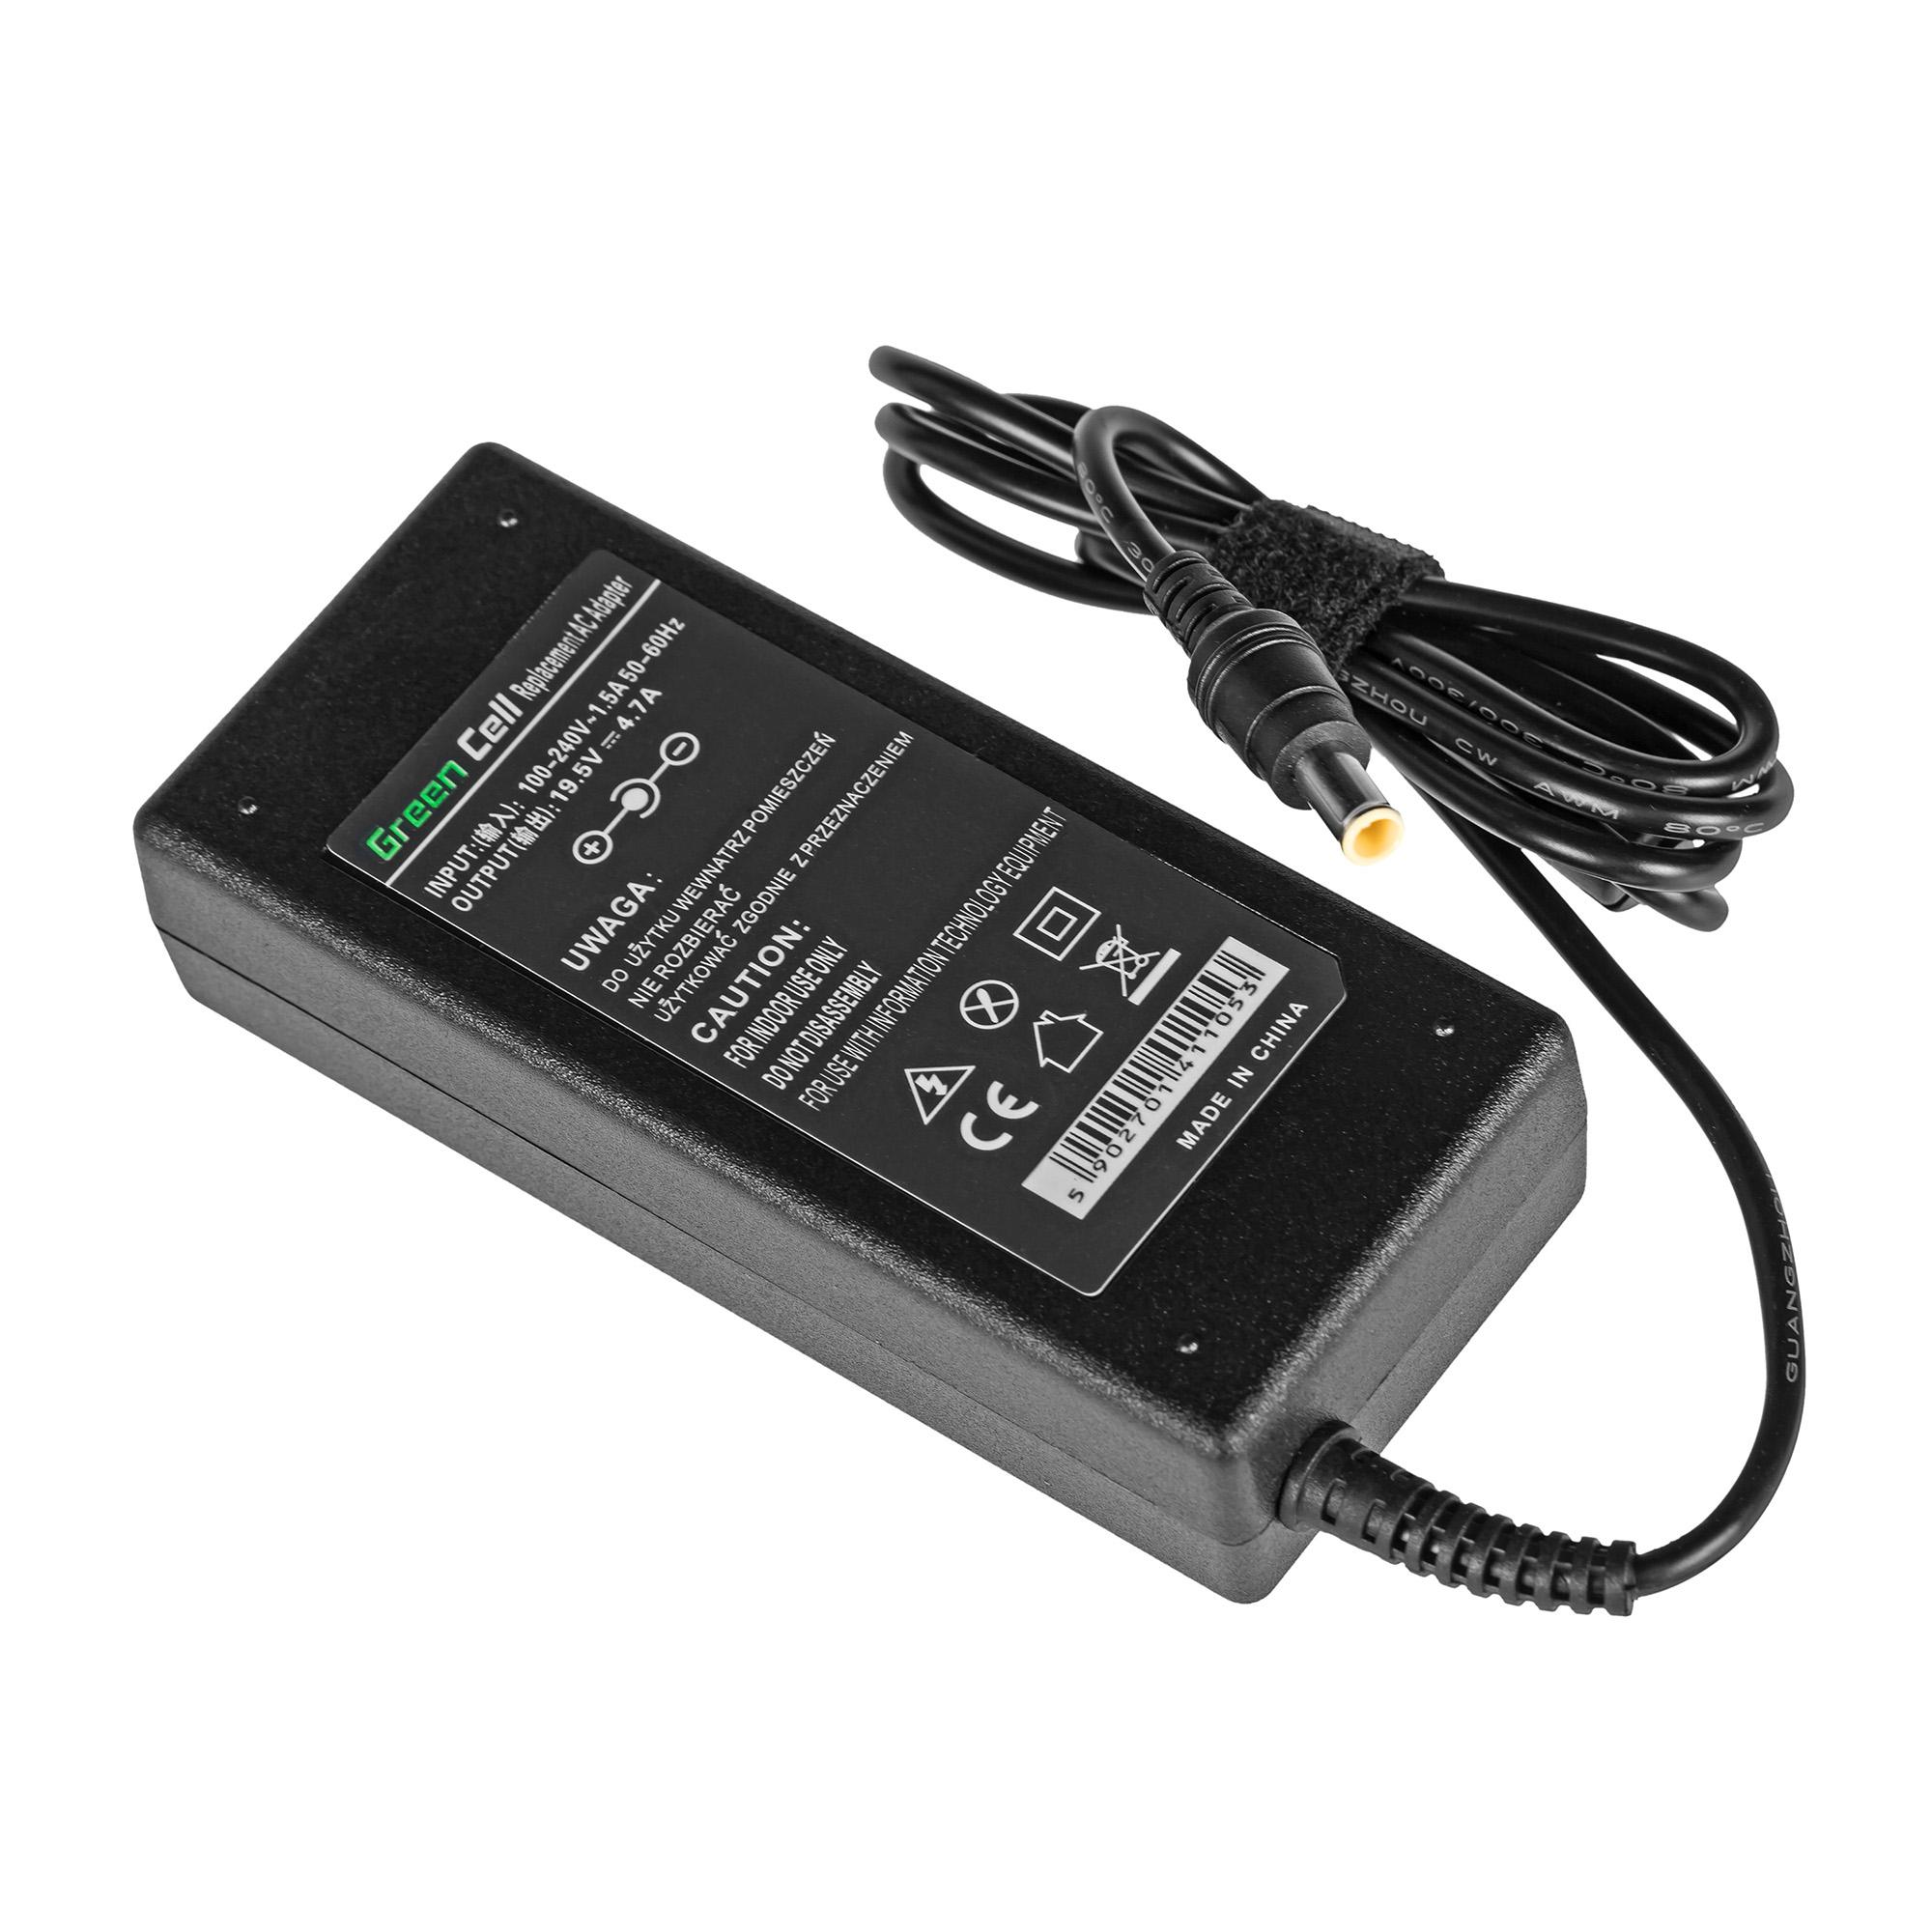 Caricatore-per-Portatile-Sony-Vaio-S13P-SVS13A3P-SVS13A3PS-SVS13A3V9R